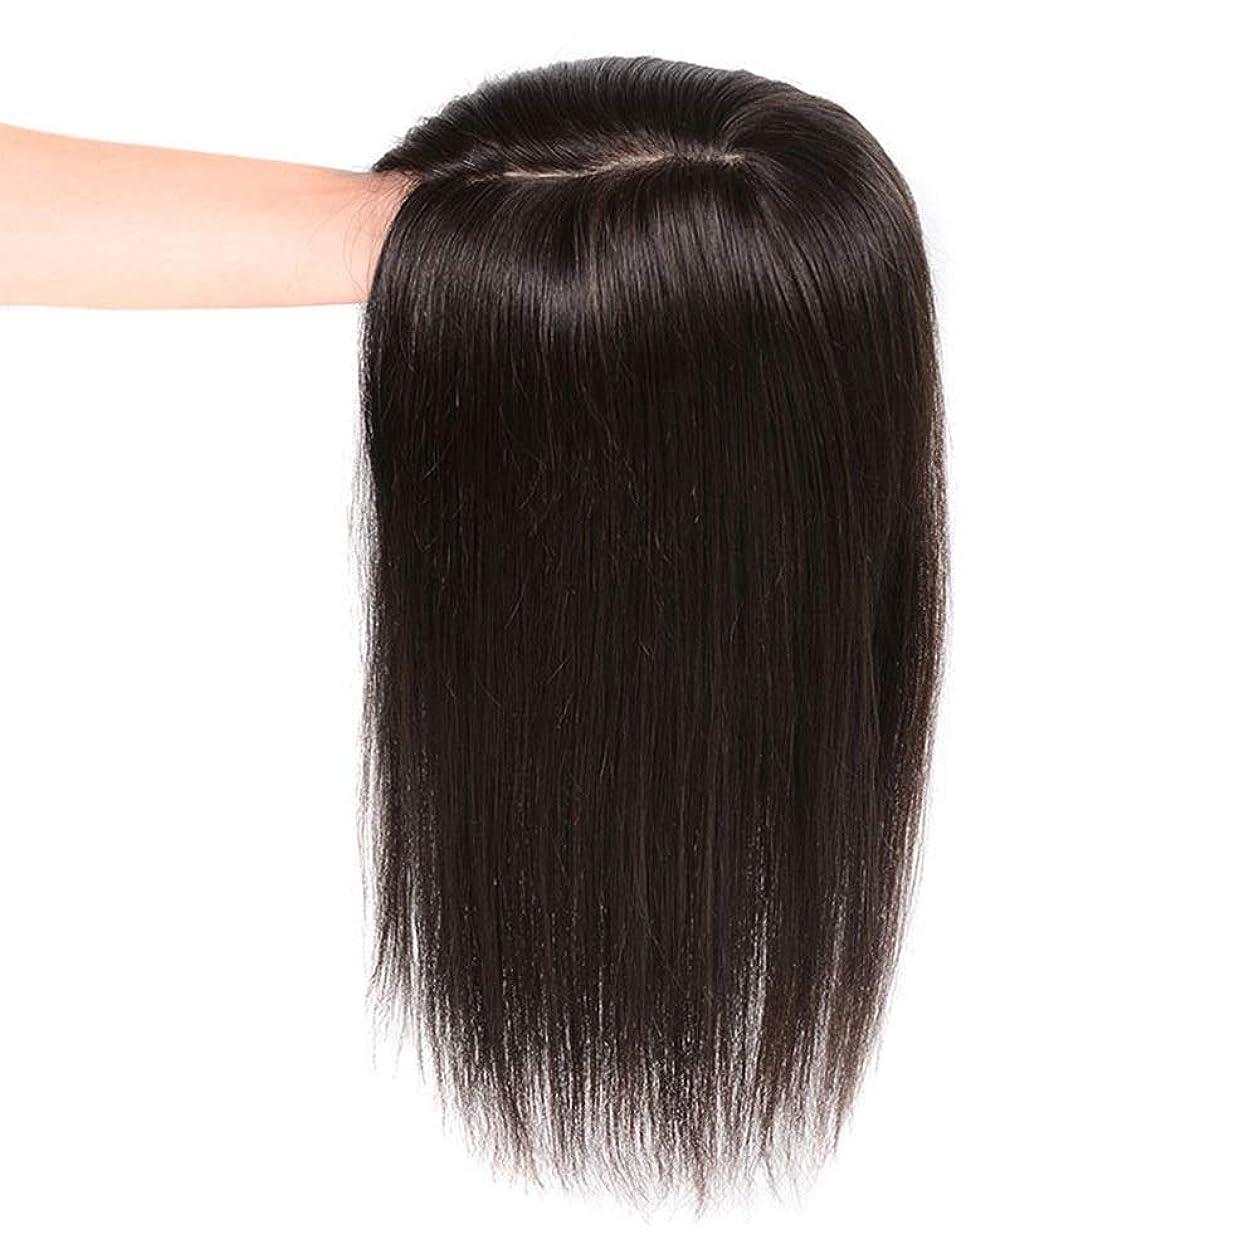 聡明さておきグローバルBOBIDYEE 女性のための3Dハンドニードルリアルヘアウィッグナチュラルヘアエクステンションホワイトヘアパーティーウィッグ (色 : Natural black, サイズ : [7x10]30cm)